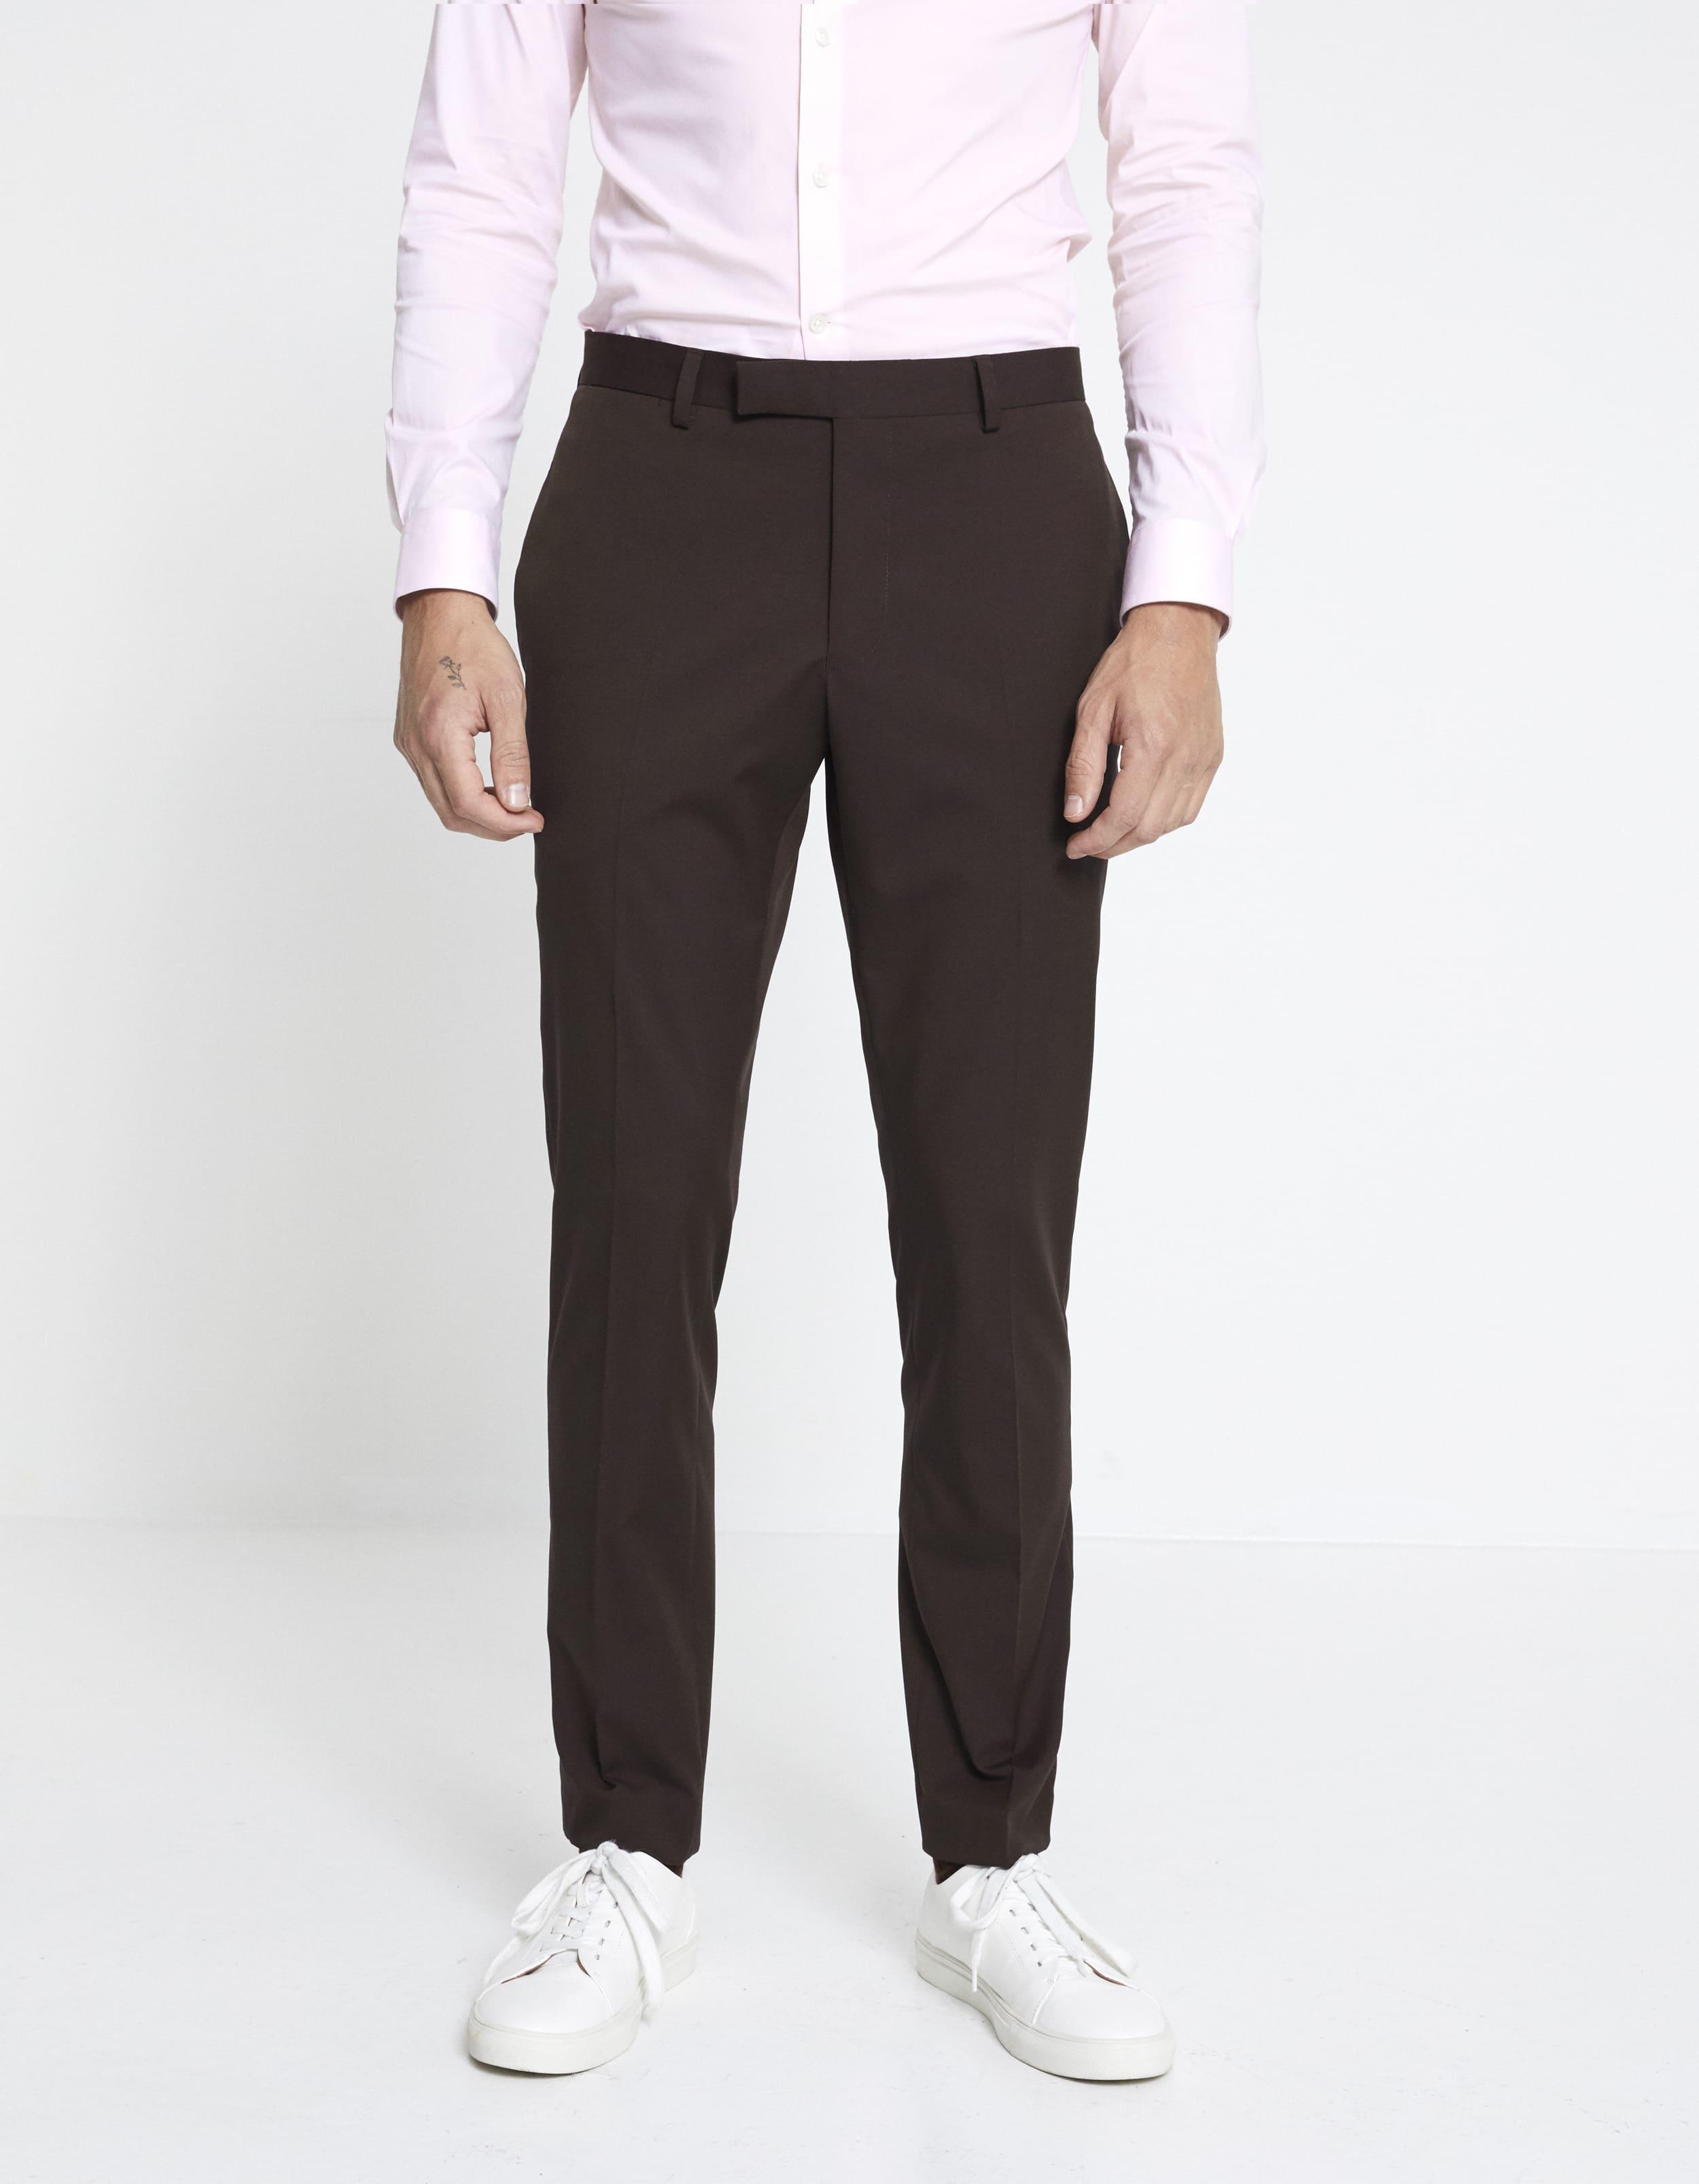 Pantalon Skinny extra slim – bordeaux Prix 59,99 €